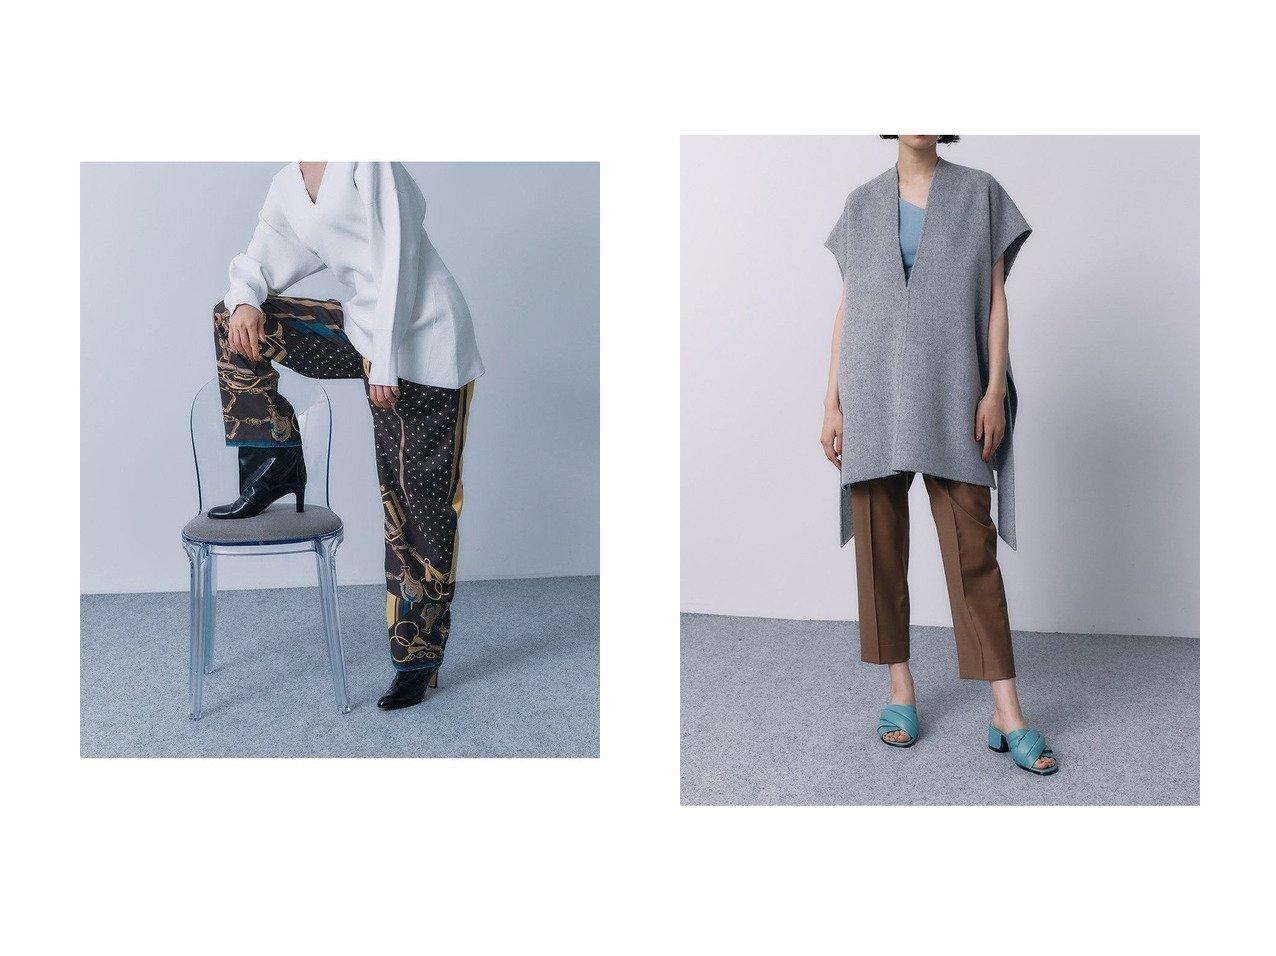 【STUNNING LURE/スタニングルアー】のmanipuri 別注パンツ&チンツクリーンパンツ 【パンツ】おすすめ!人気、トレンド・レディースファッションの通販 おすすめで人気の流行・トレンド、ファッションの通販商品 インテリア・家具・メンズファッション・キッズファッション・レディースファッション・服の通販 founy(ファニー) https://founy.com/ ファッション Fashion レディースファッション WOMEN パンツ Pants コンパクト スニーカー 定番 Standard スカーフ フレンチ プリント 別注 |ID:crp329100000070648